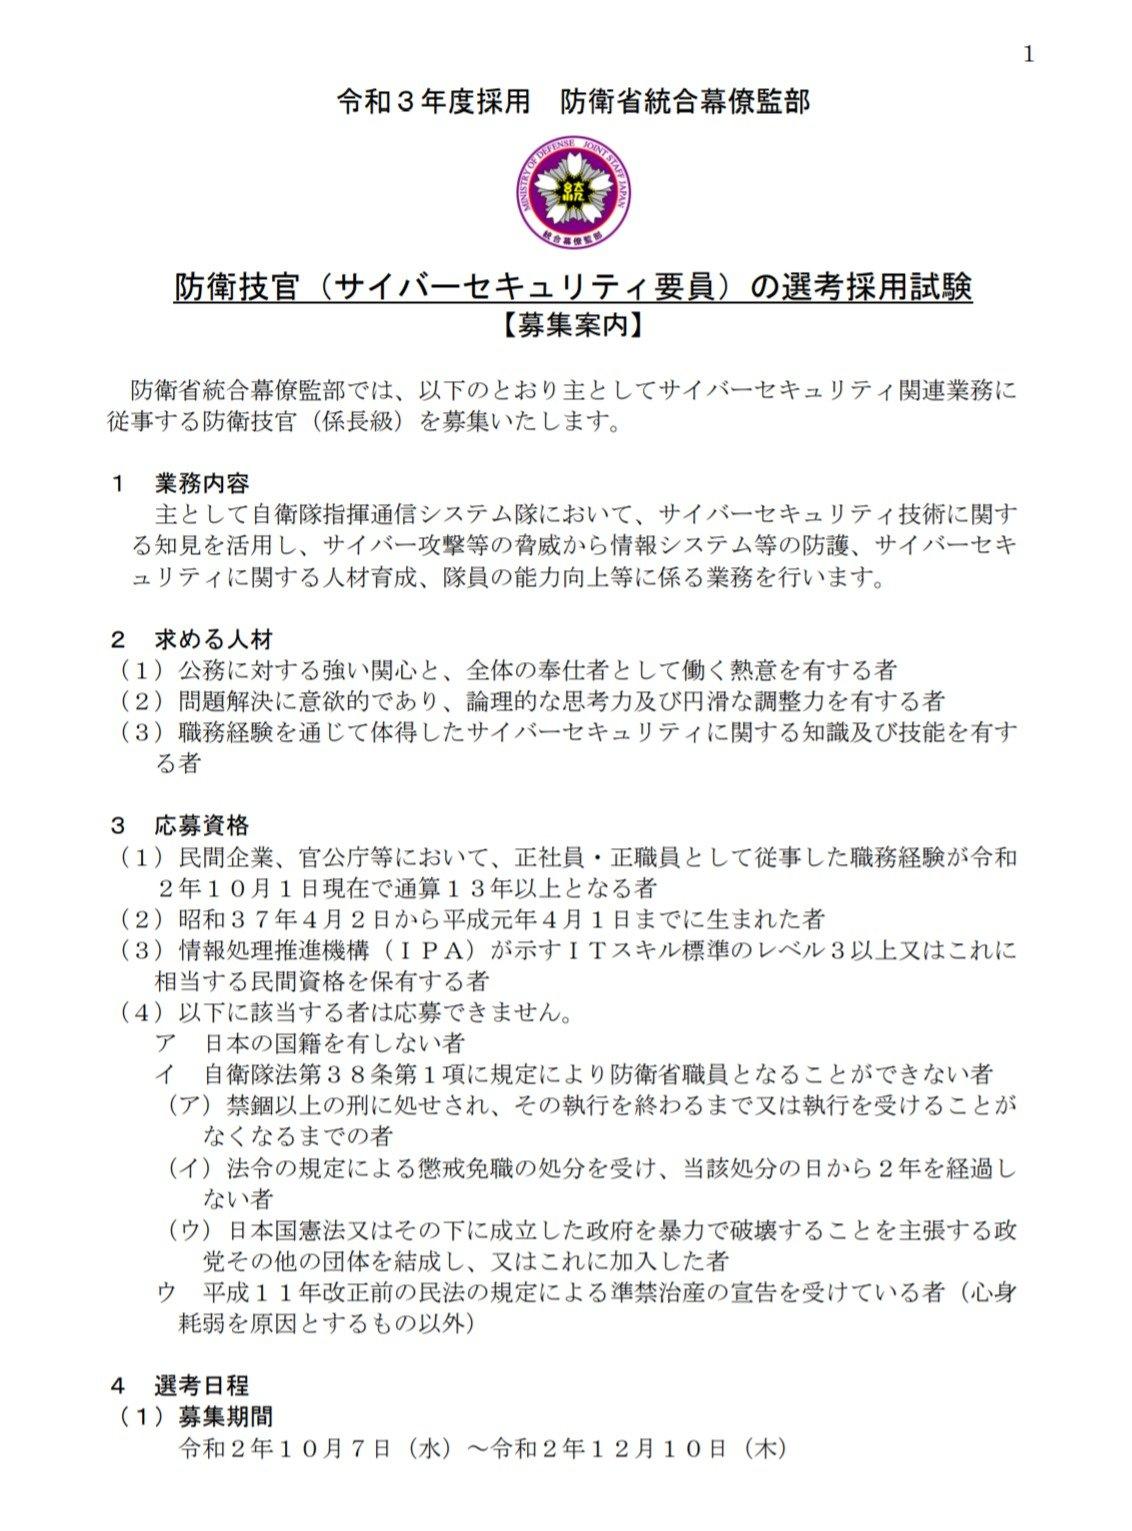 防衛省、サイバーセキュリティ担当の防衛技官を募集 - ITmedia NEWS